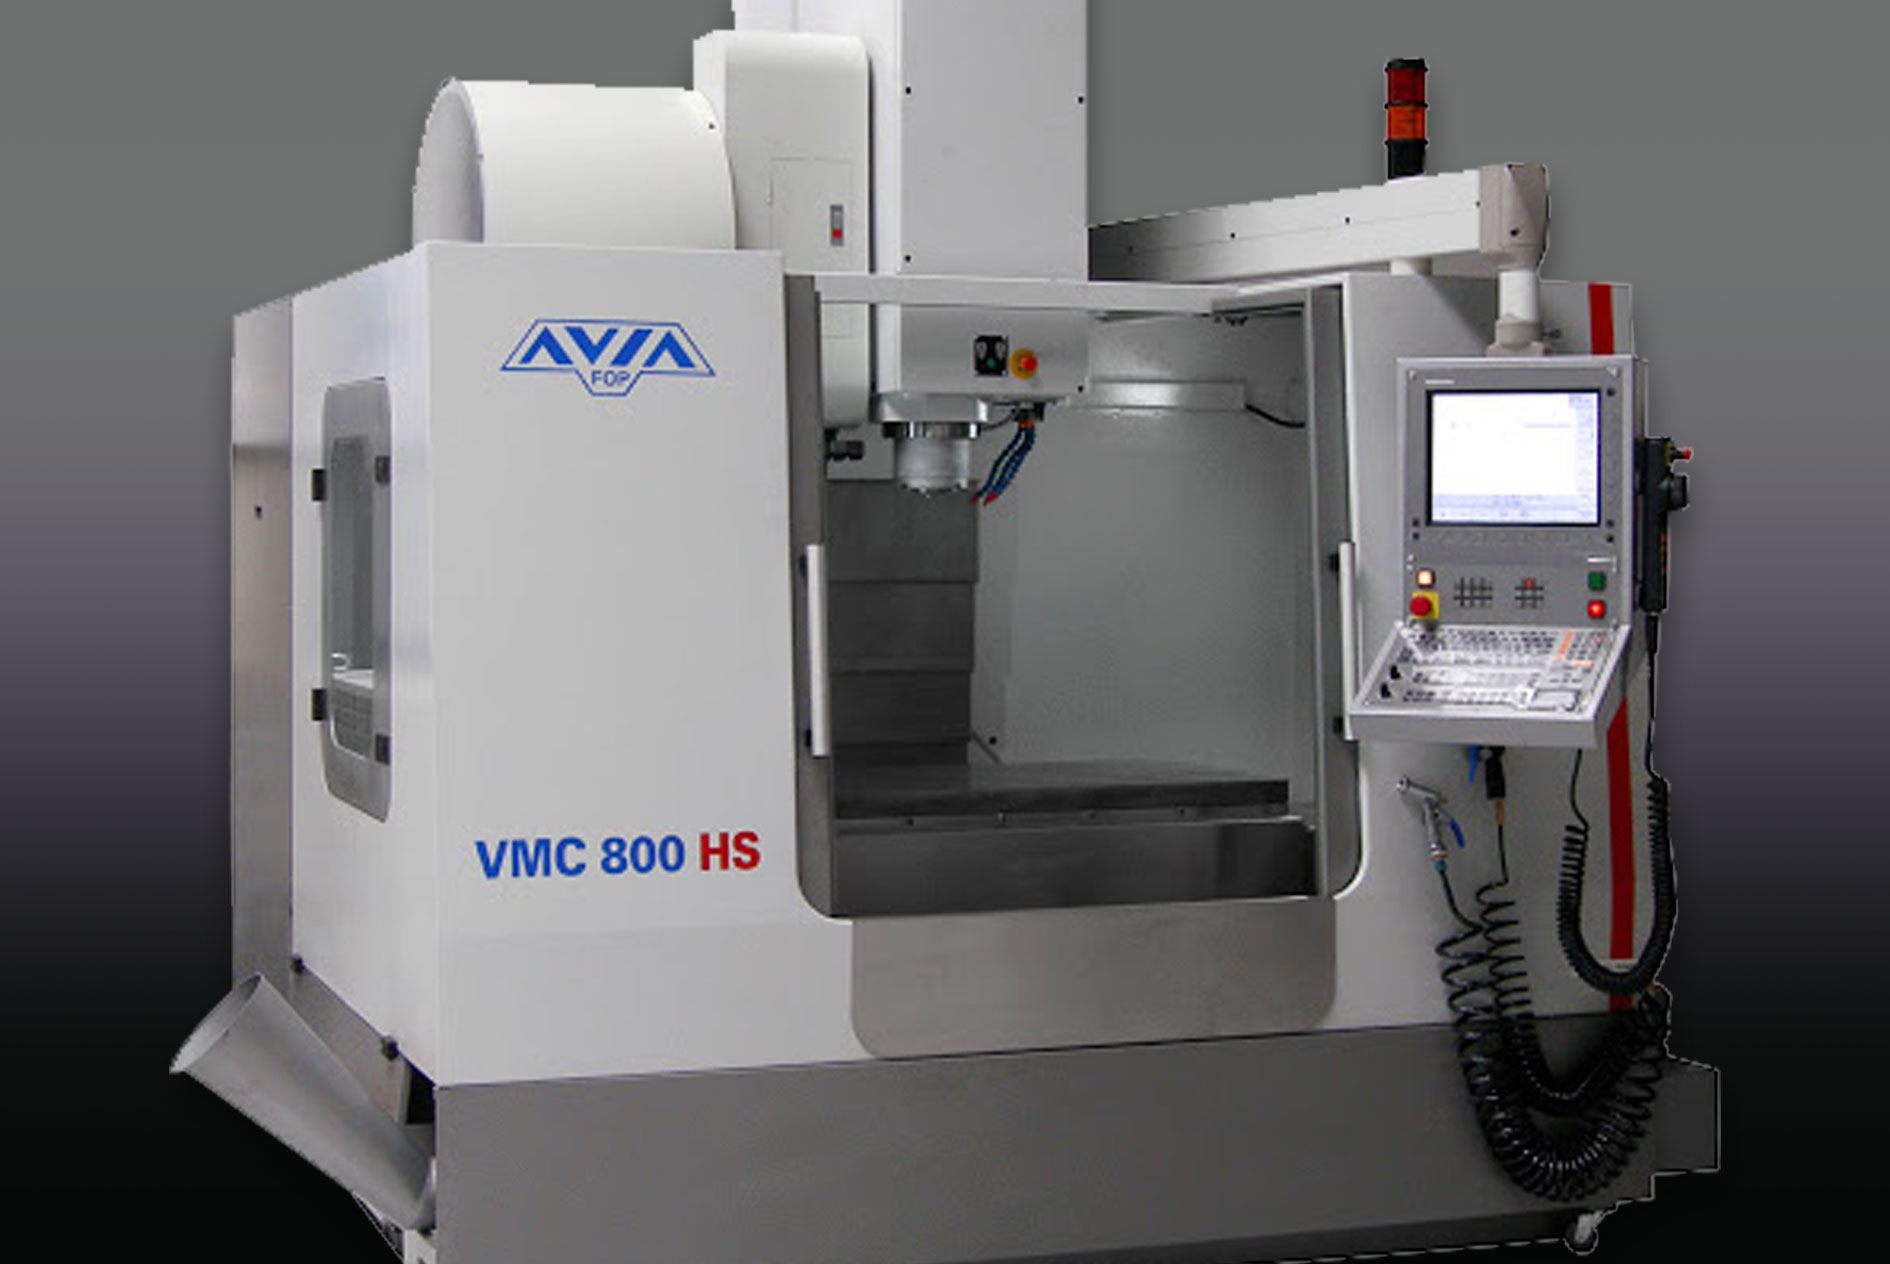 kkkoy-konetehdas-konekanta-laitekanta-konekortti-alihankinta-metalliteollisuus-5